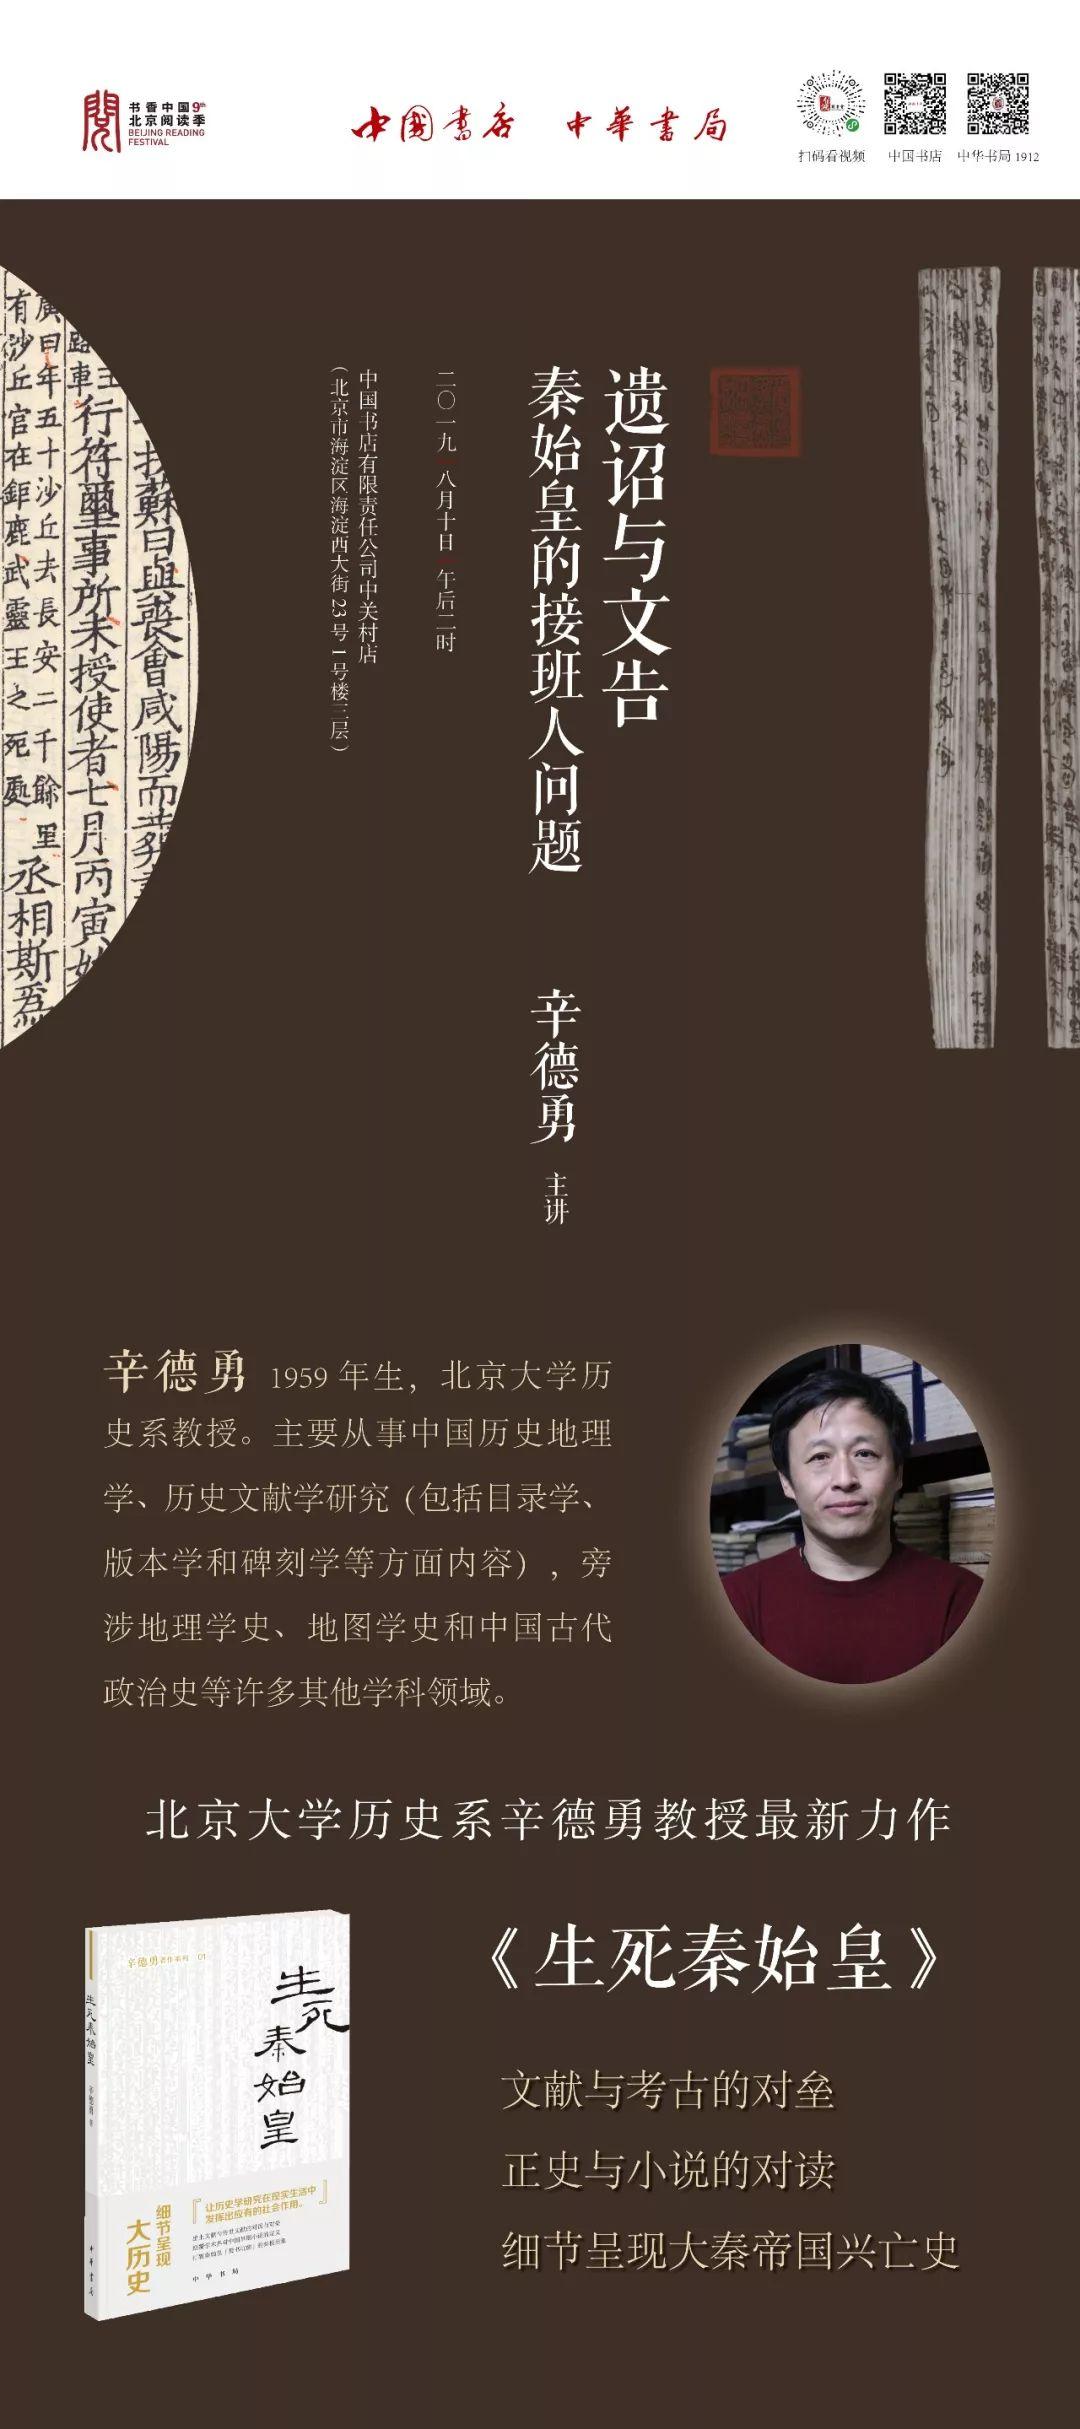 周六来中国书店中关村店,听辛德勇教授聊聊扶苏和胡亥